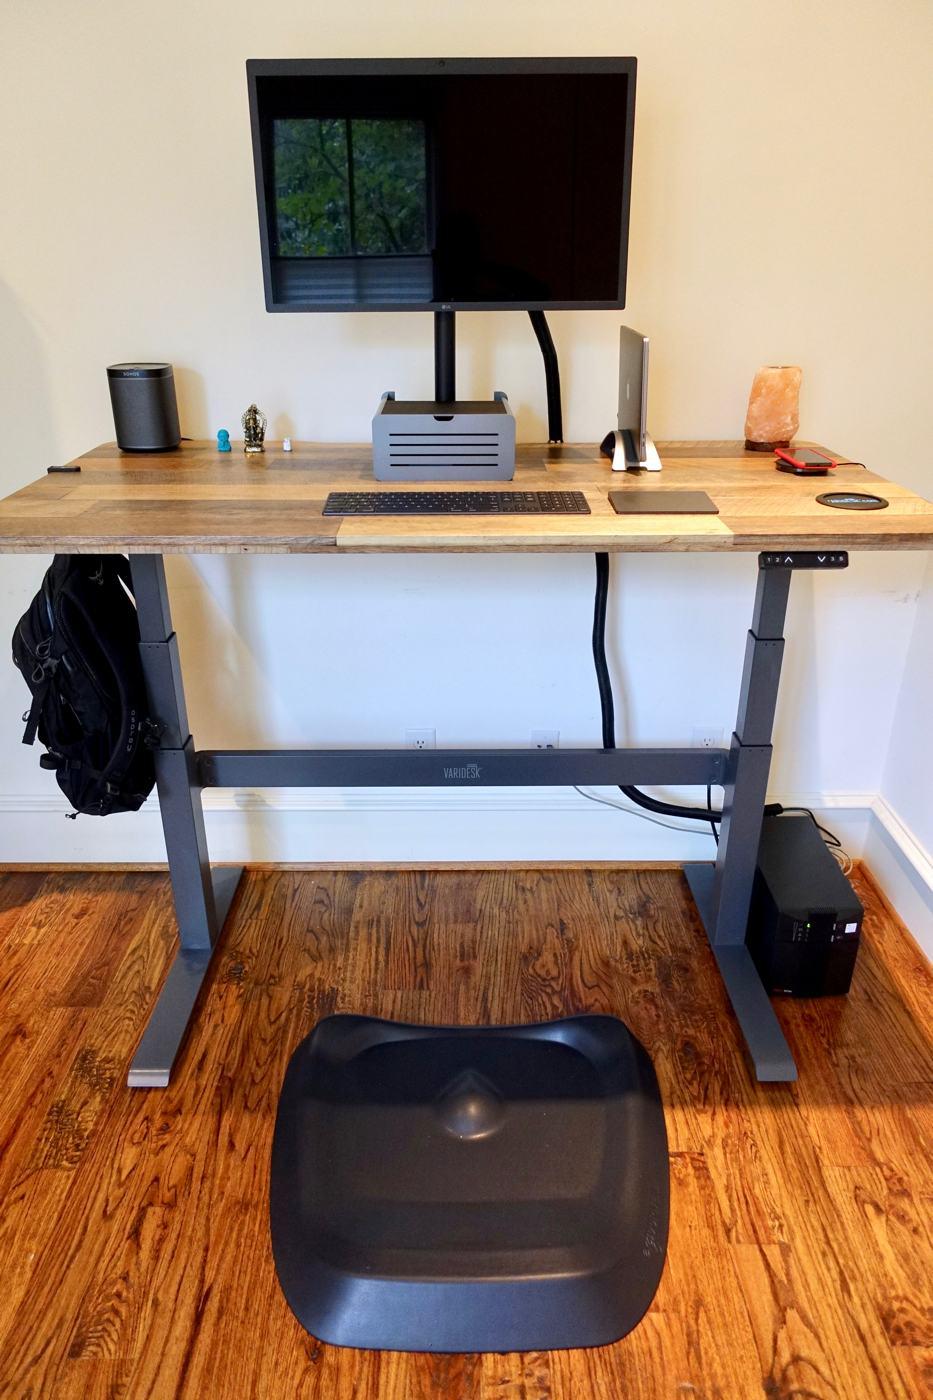 Justin Kaplan's desk